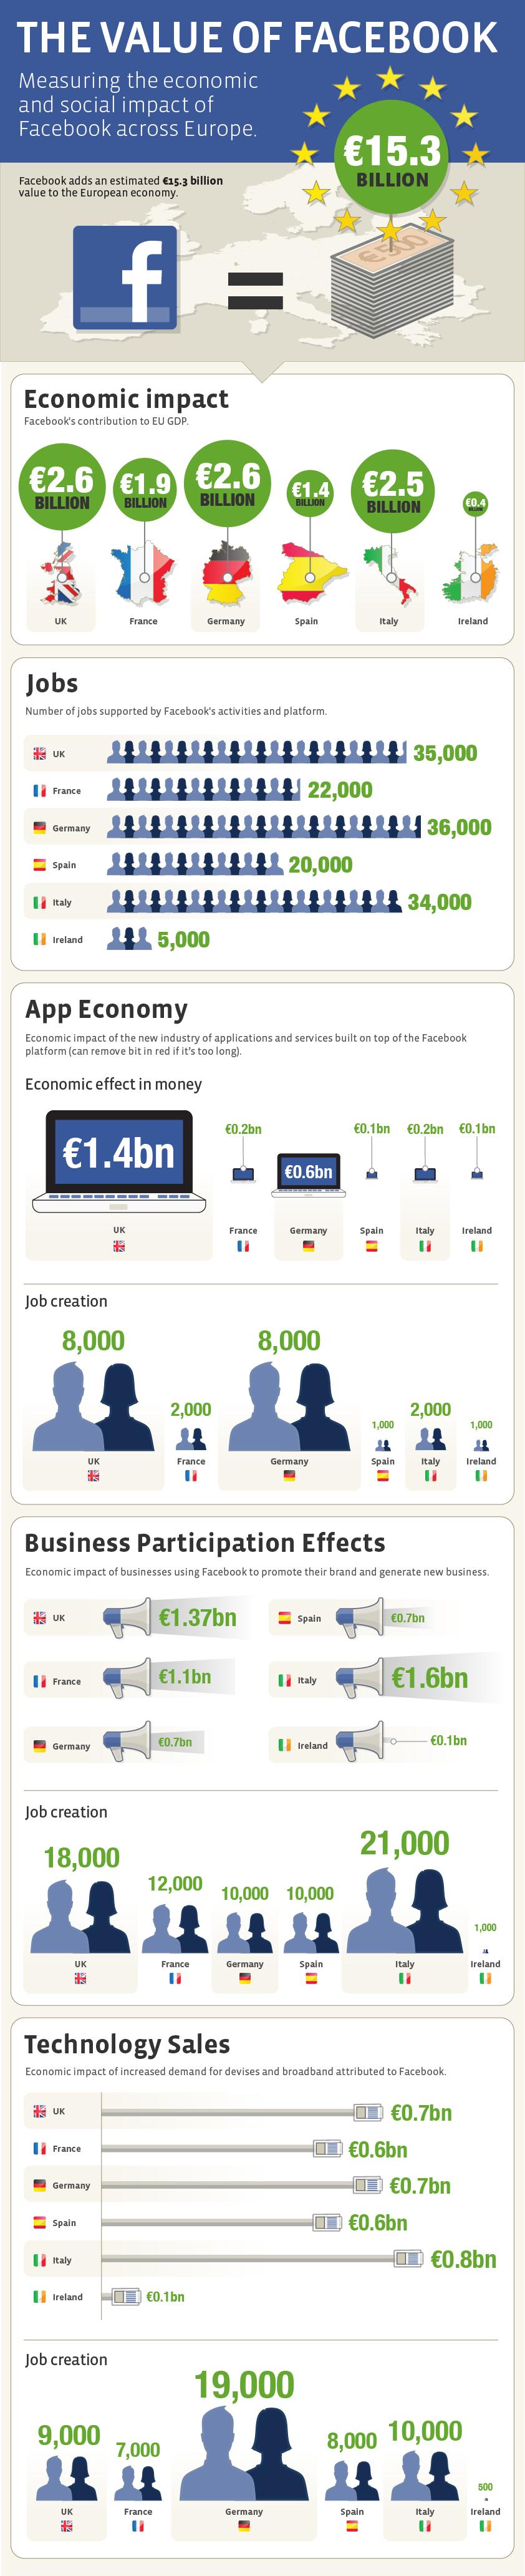 El aporte de Facebook a la economía europea